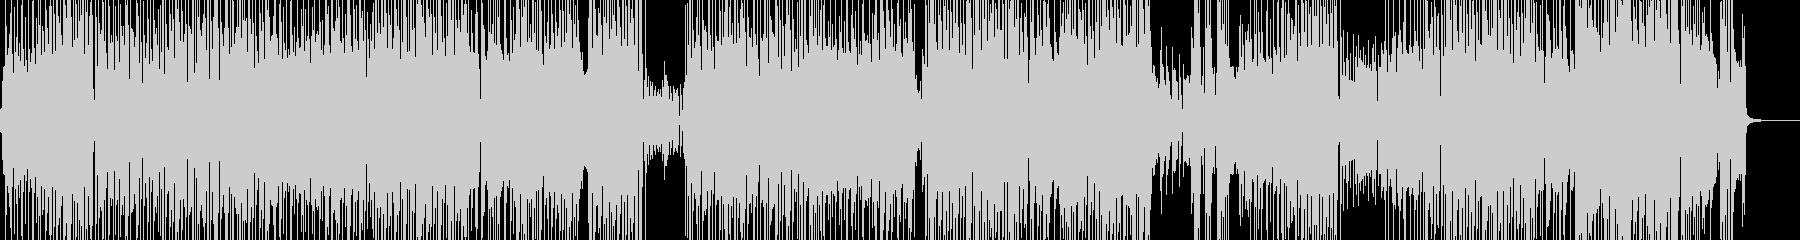 パステル調・ゆるふわメルヘンポップA+★の未再生の波形